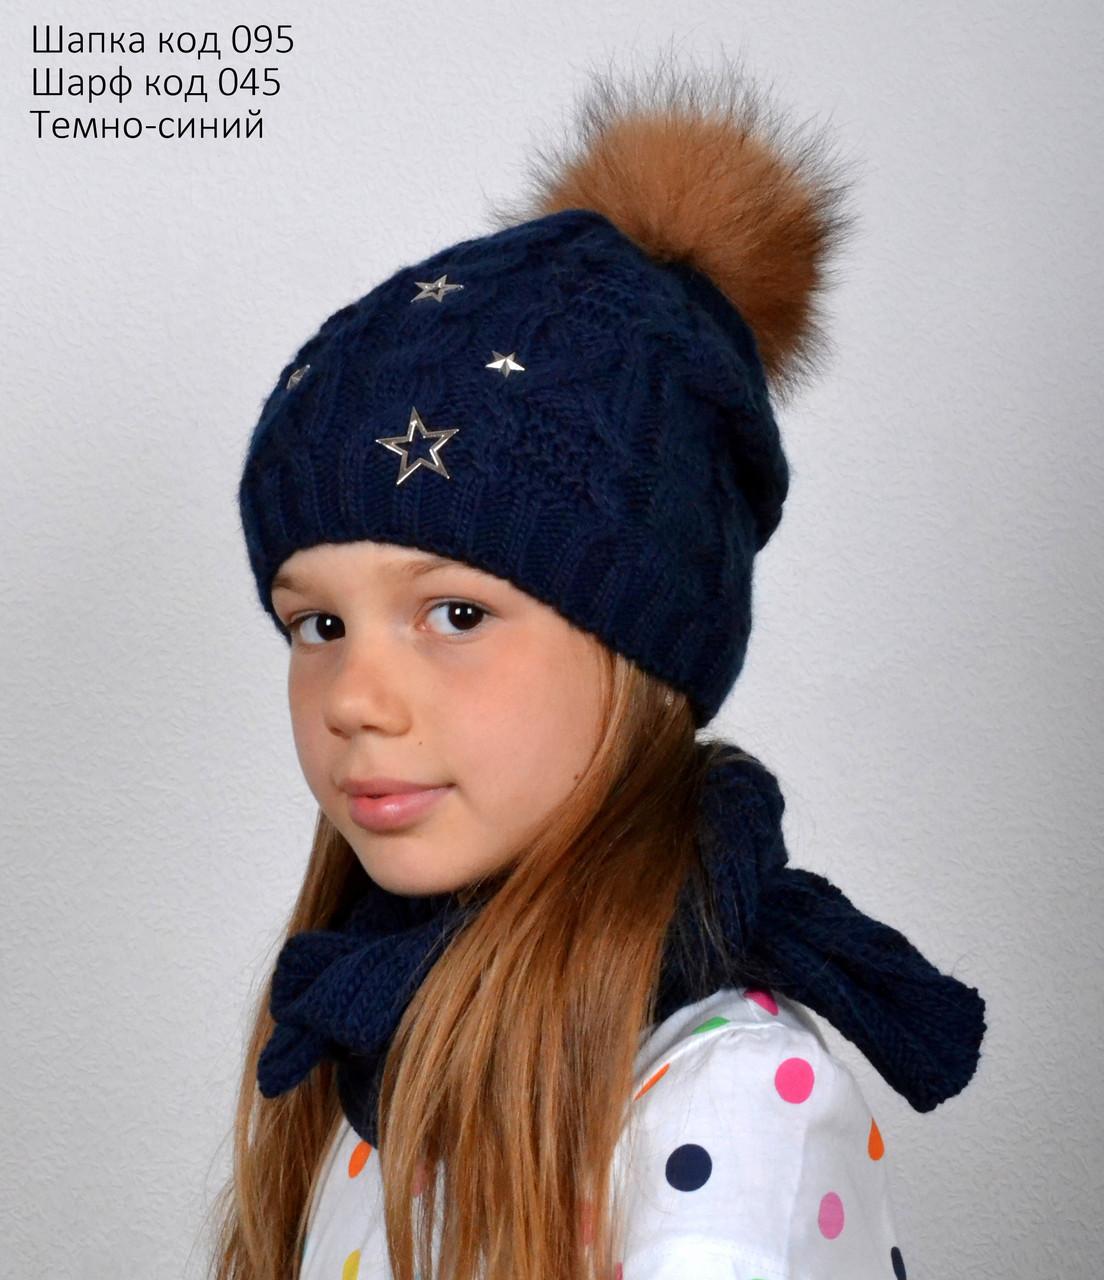 Шапка Канди шапка (зимняя)